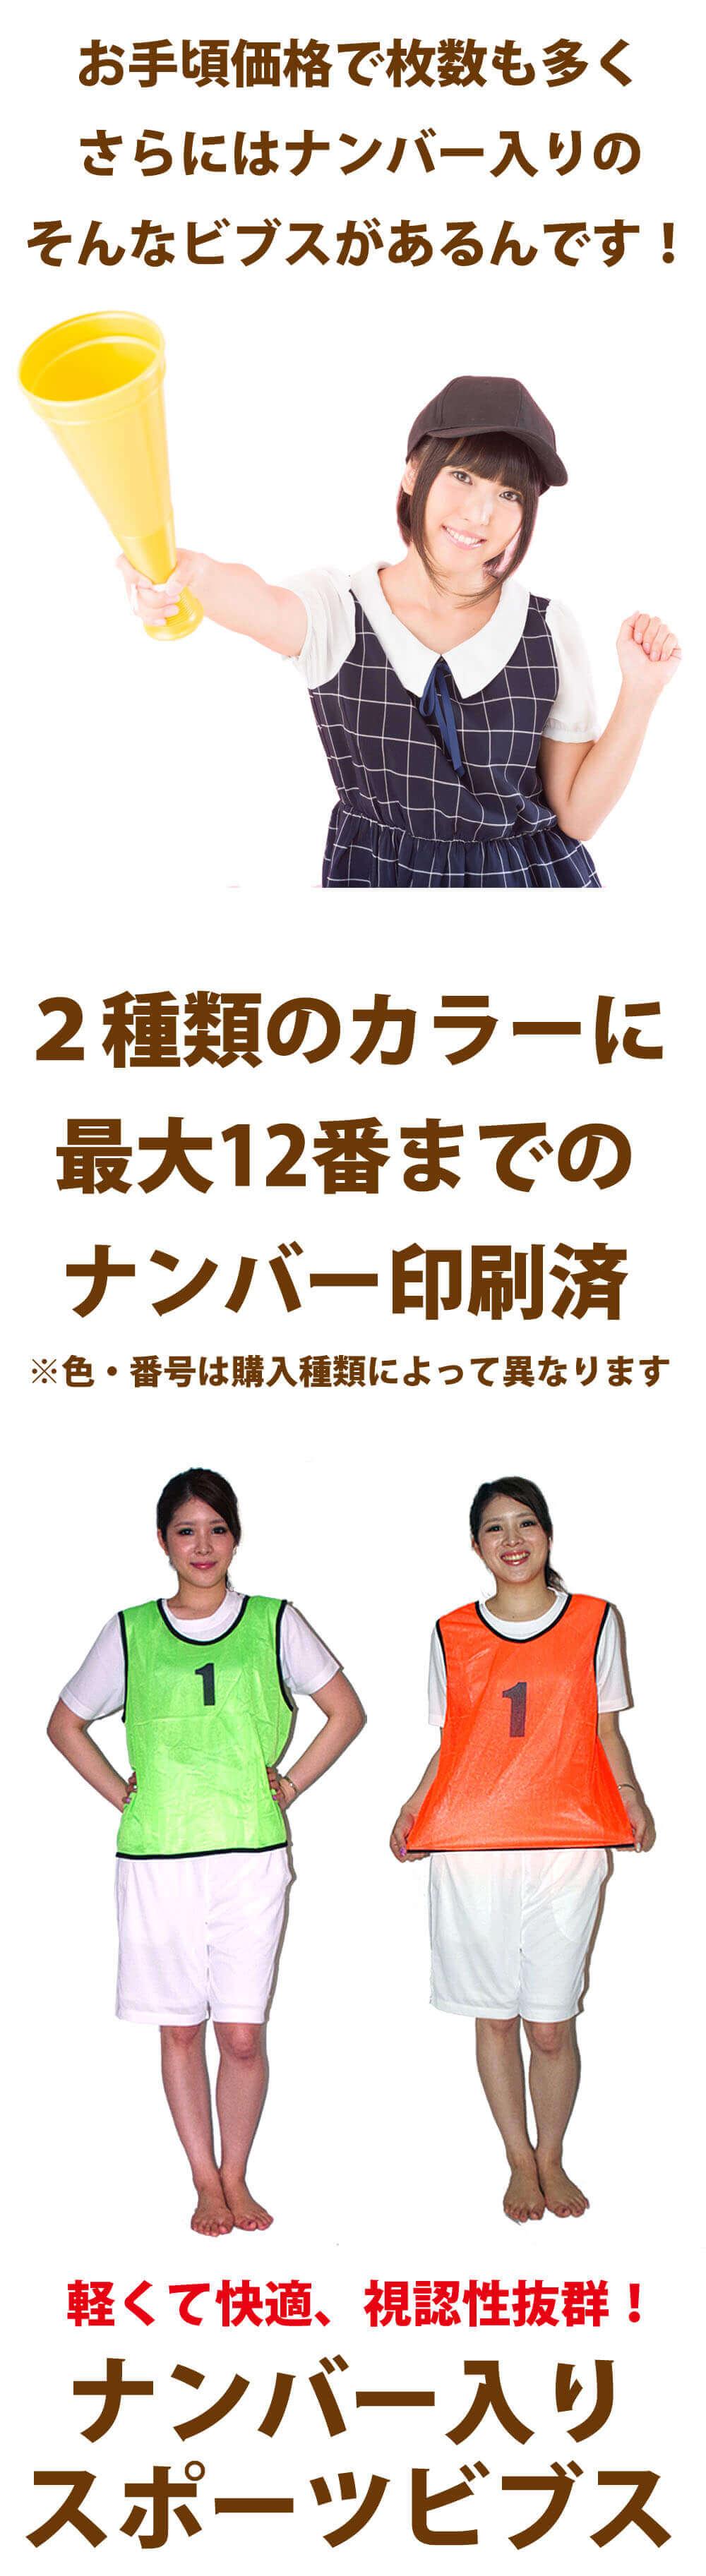 サークル サッカー スポーツ ゼッケン テニス バレー タンクトップ トレーナー トレーニング ナンバー 数字 背番号 バスケ ハンドボール フットサル フリーサイズ